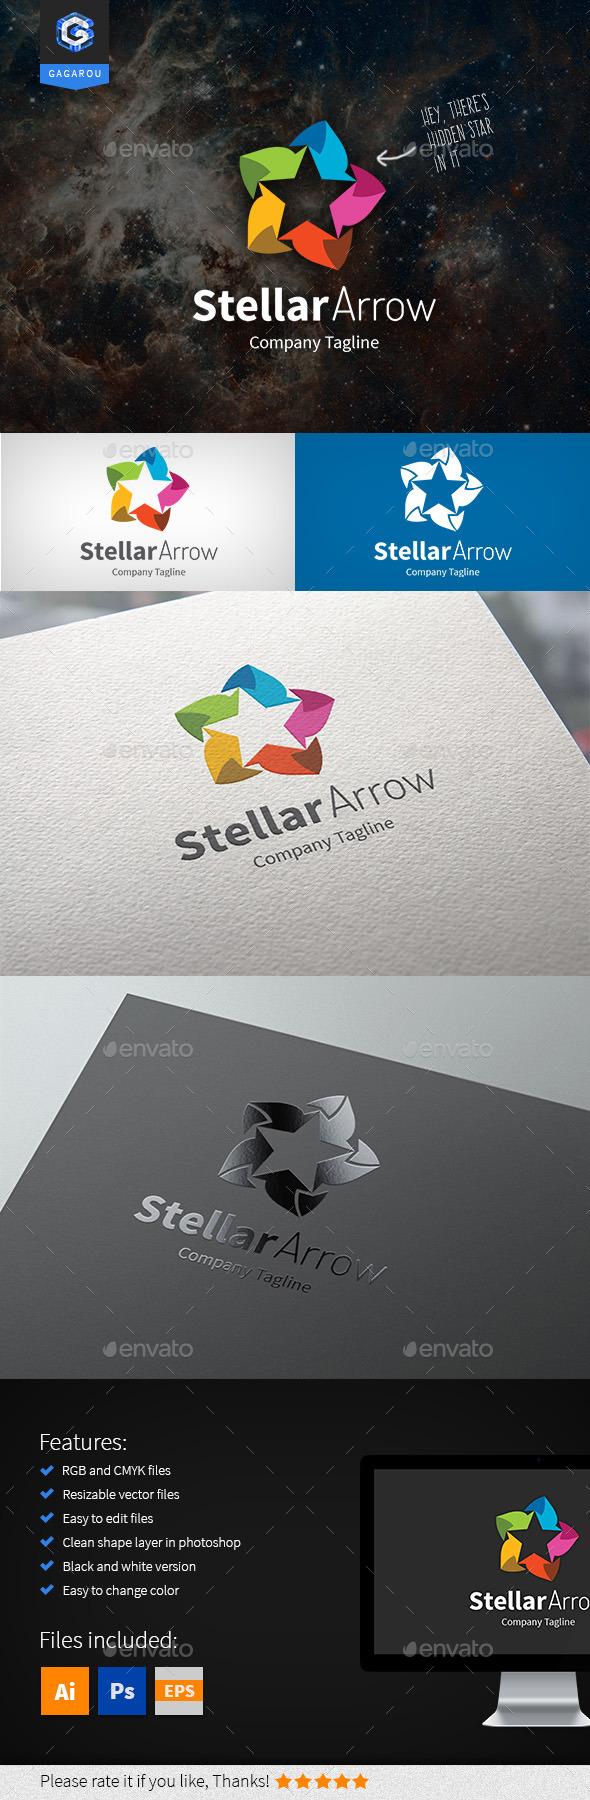 Stellar Arrow Logo